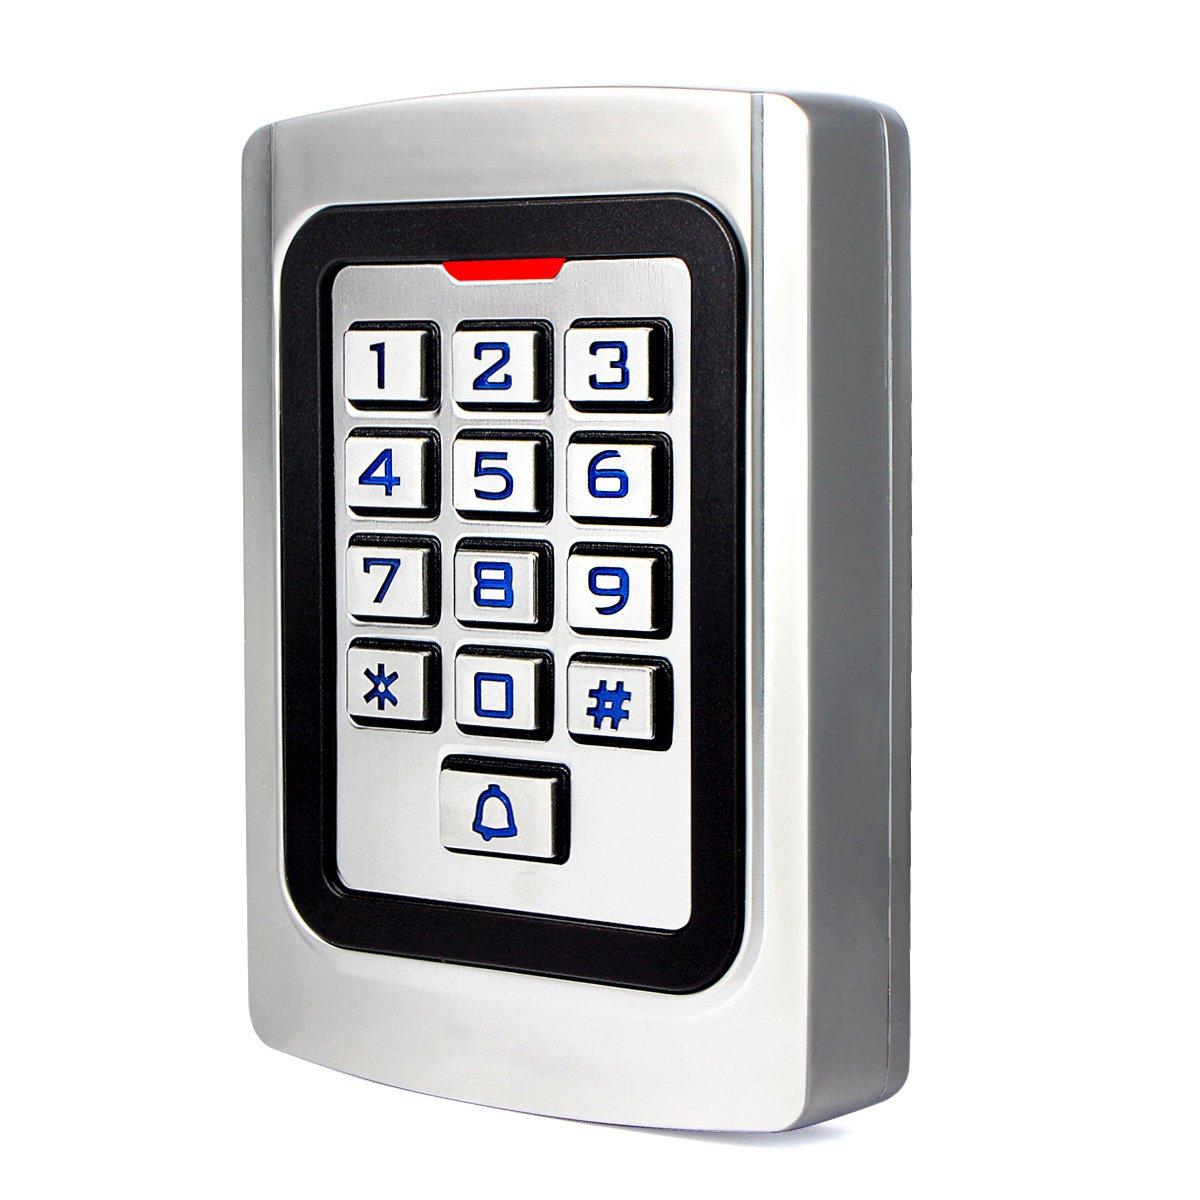 Retekess K10EM-W Control de Acceso Teclado Acceso Puerta Teclado Retroiluminado Numérico IP68 Código PIN 125KHz RFID Tarjeta Wiegand 26 para Tienda Almacén Edificio Empresa (Plata)